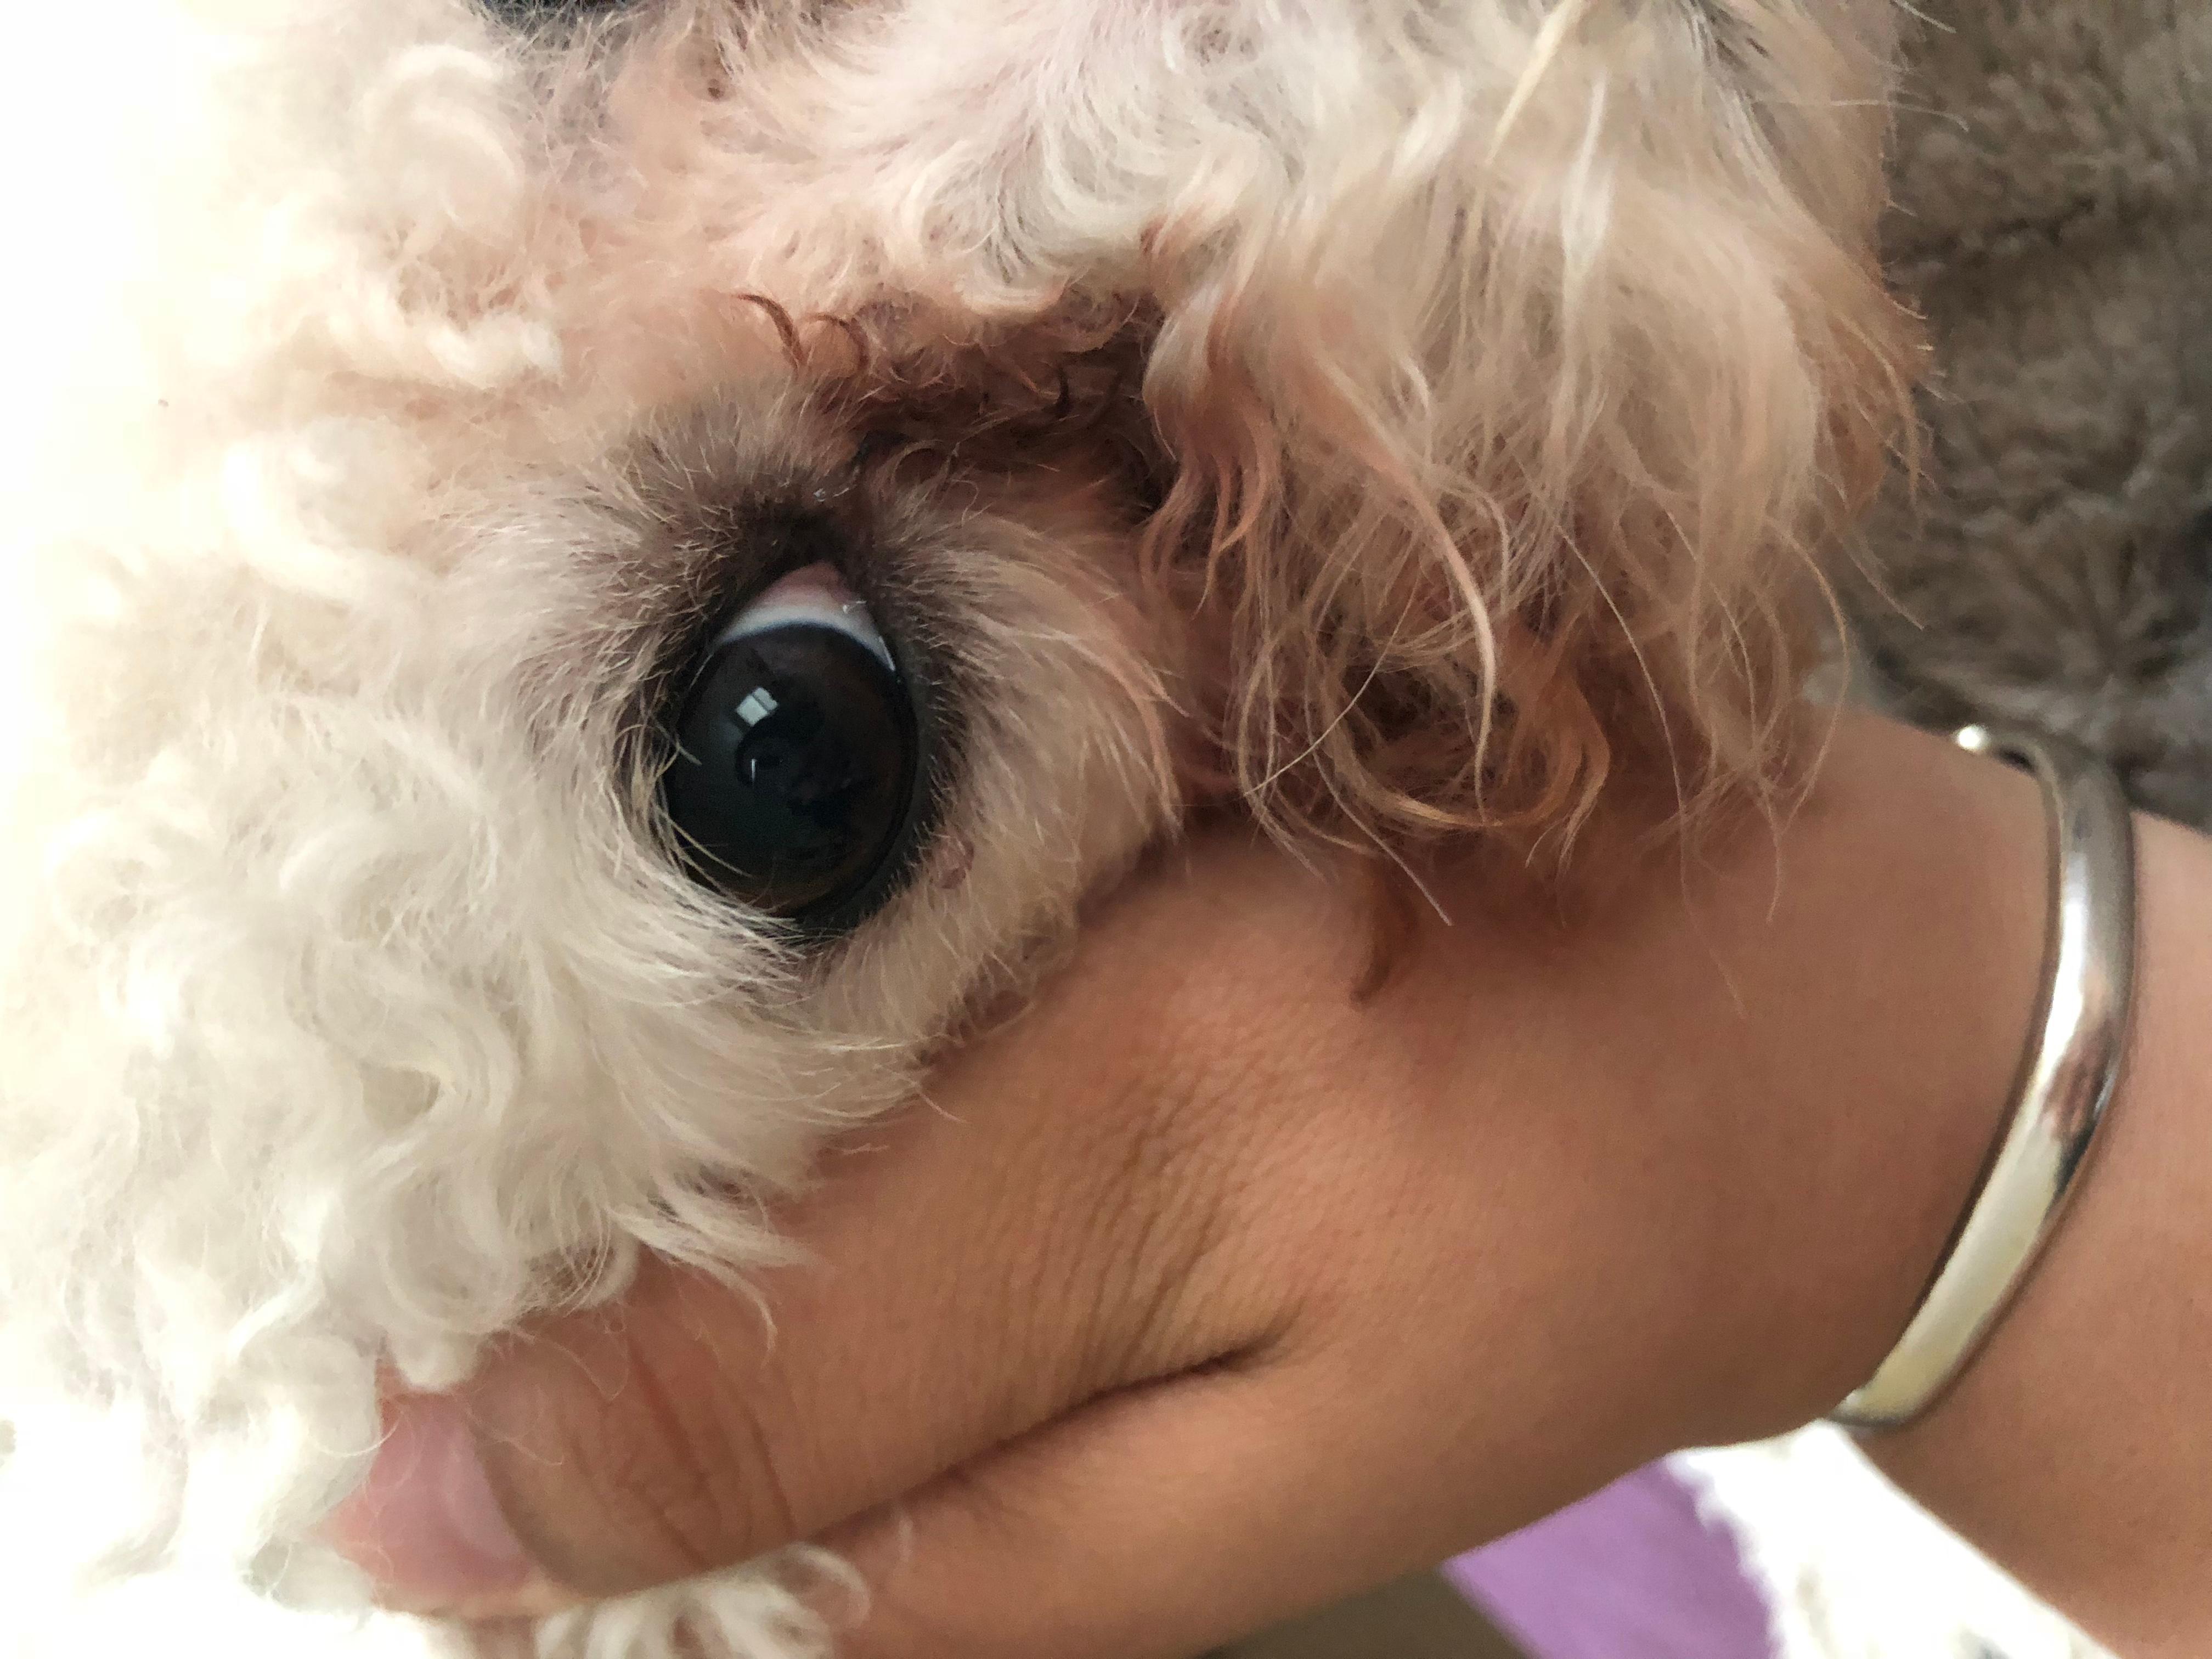 眼睛下起像针眼一样的东西